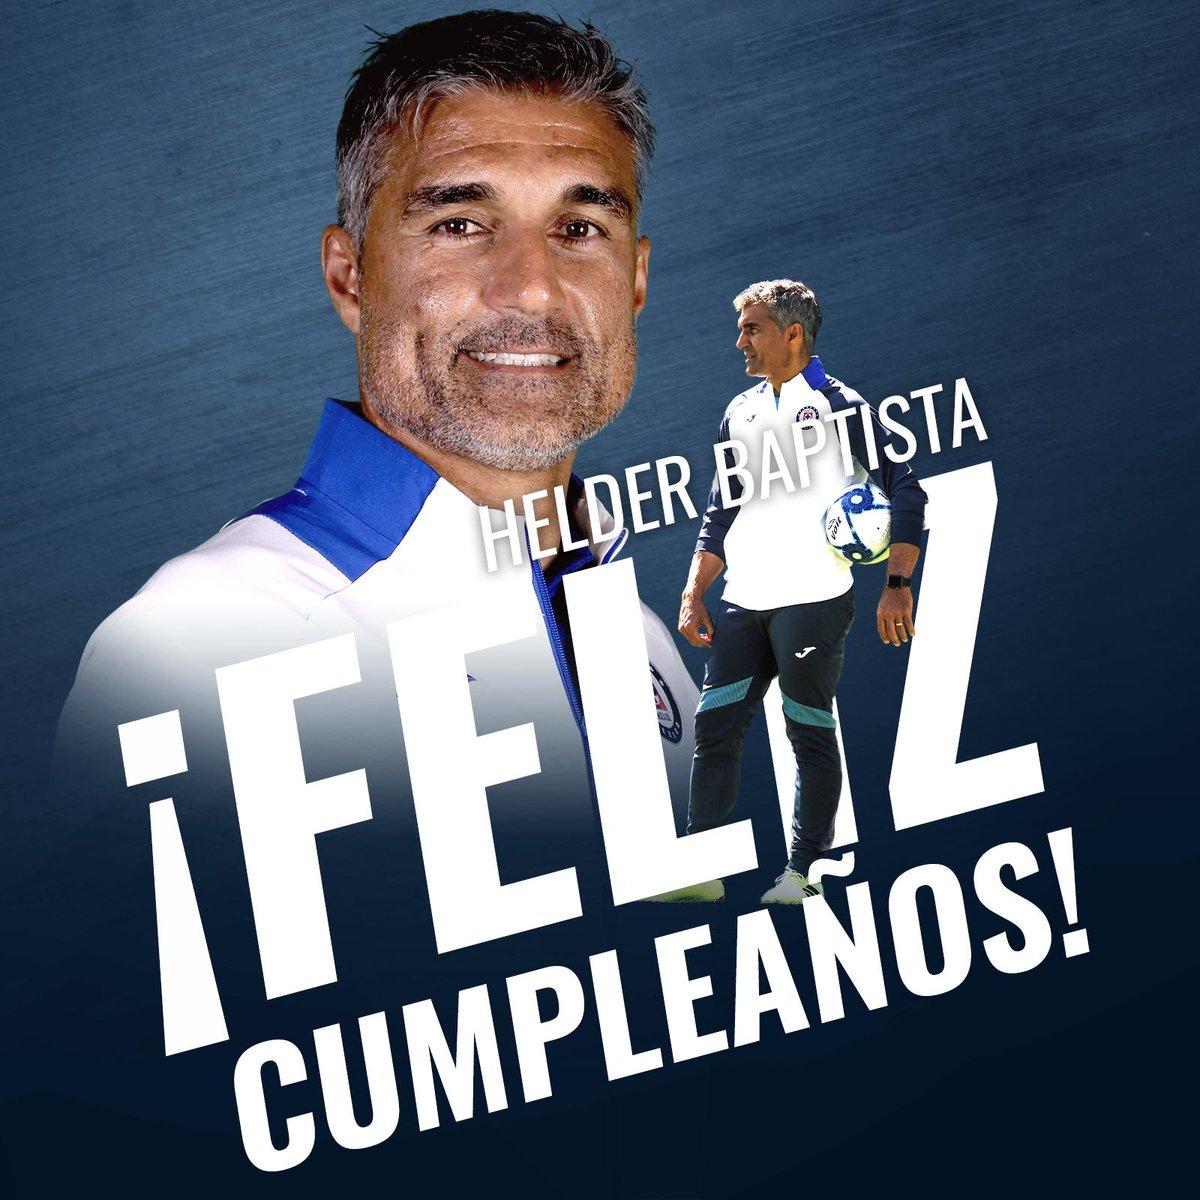 Hoy es cumpleaños de uno de nuestros auxiliares técnicos, Helder Baptista. ¡Muchas felicidades, profesor!🎉#ConstruyendoLa9loria